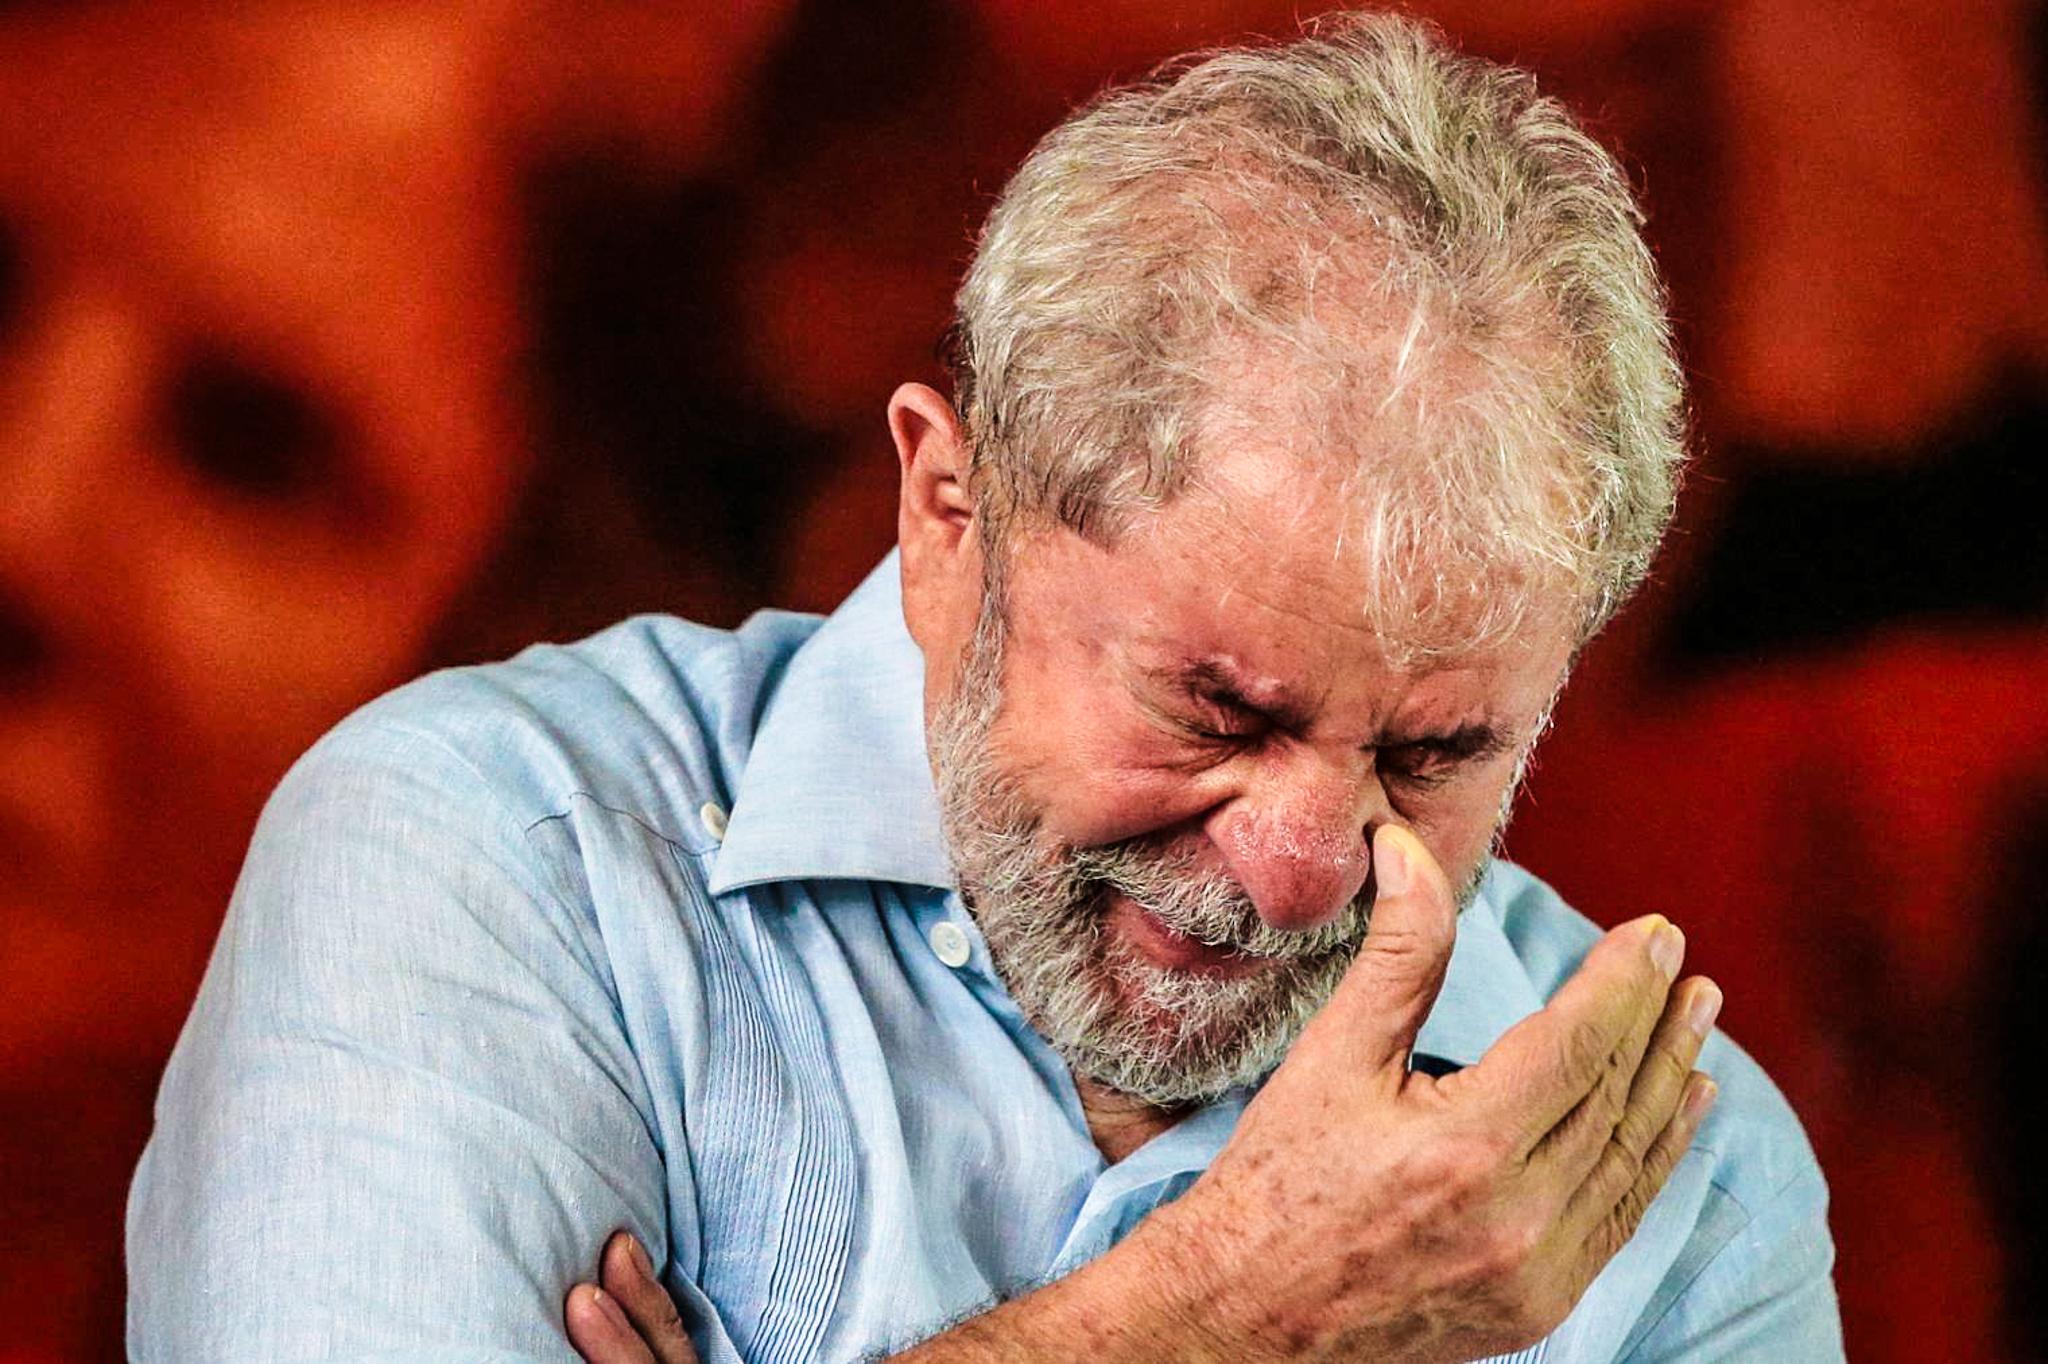 VÍDEO: STF rejeita Habeas Corpus de Lula e ele poderá ser preso